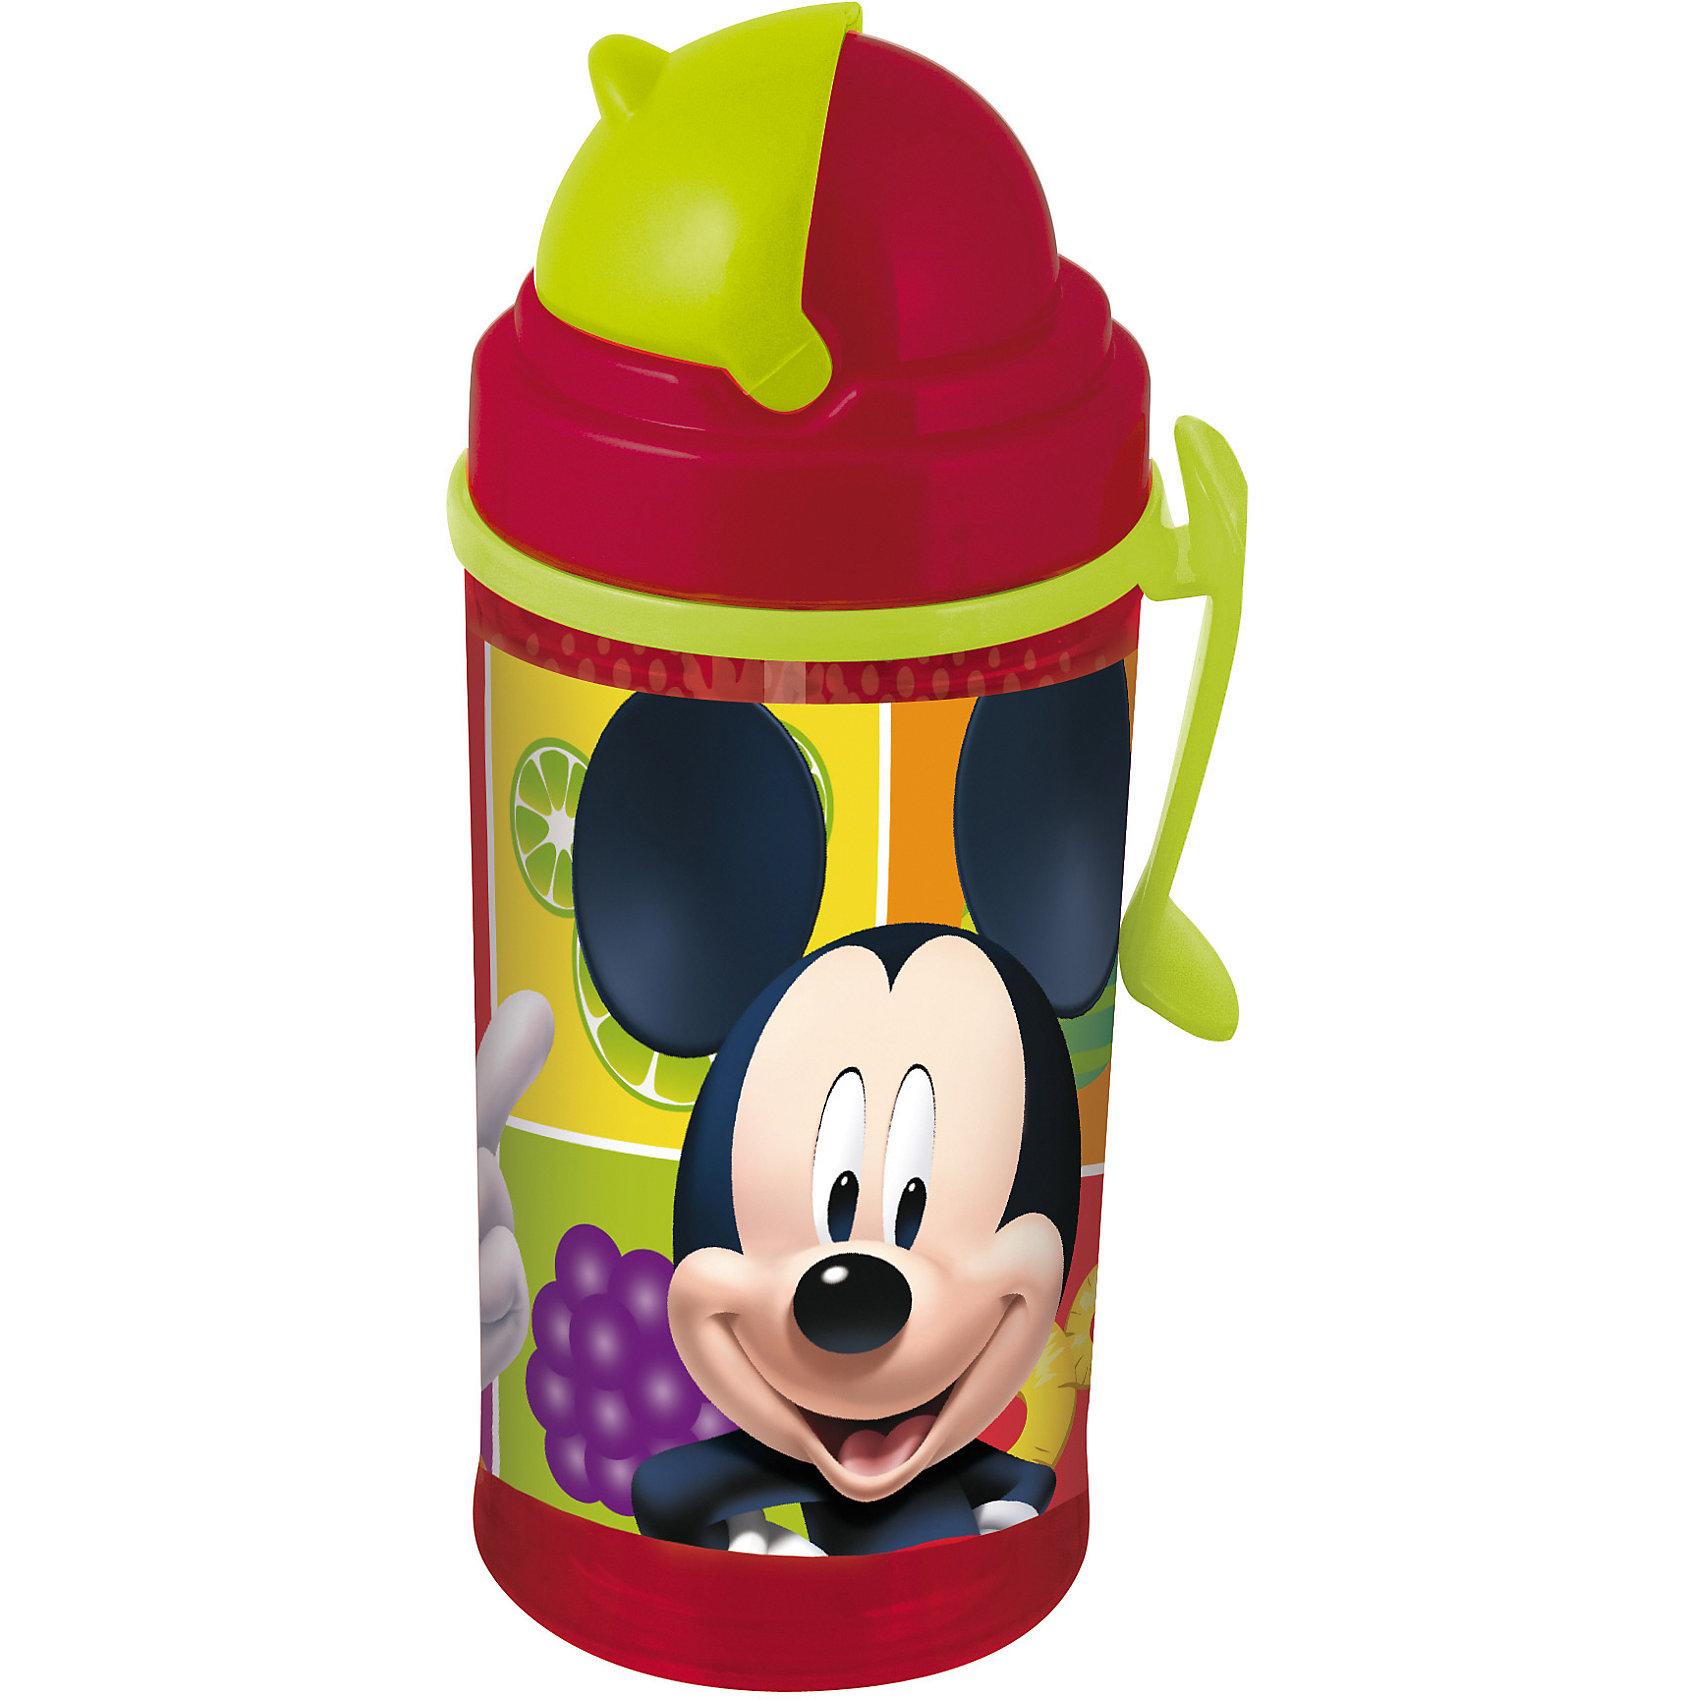 Фляга с соломинкой и держателем Микки Маус 350 млФляга с соломинкой и держателем Микки Маус (Mickey Mouse) 350 мл – идеальный спутник малыша поездках и путешествиях, ее можно взять в школу, на прогулку.<br>Яркая детская фляга с соломинкой и держателем украшена изображением героев мультсериала «Микки Маус и его друзья». Она изготовлена из высококачественного, пищевого пластика. Ребенок без труда сможет открывать и закрывать крышку, которая обеспечивает чистоту трубочки и предотвращает проливание напитков. Фляга имеет удобный держатель, который хорошо фиксируется на поясе.<br><br>Дополнительная информация:<br><br>- Материал: пластик<br>- Объем: 350 мл.<br>- Размер упаковки: 75х80х175 мм.<br>- Вес: 165 гр.<br><br>Флягу с соломинкой и держателем Микки Маус (Mickey Mouse) 350 мл можно купить в нашем интернет-магазине.<br><br>Ширина мм: 75<br>Глубина мм: 80<br>Высота мм: 175<br>Вес г: 165<br>Возраст от месяцев: 36<br>Возраст до месяцев: 84<br>Пол: Унисекс<br>Возраст: Детский<br>SKU: 4574314